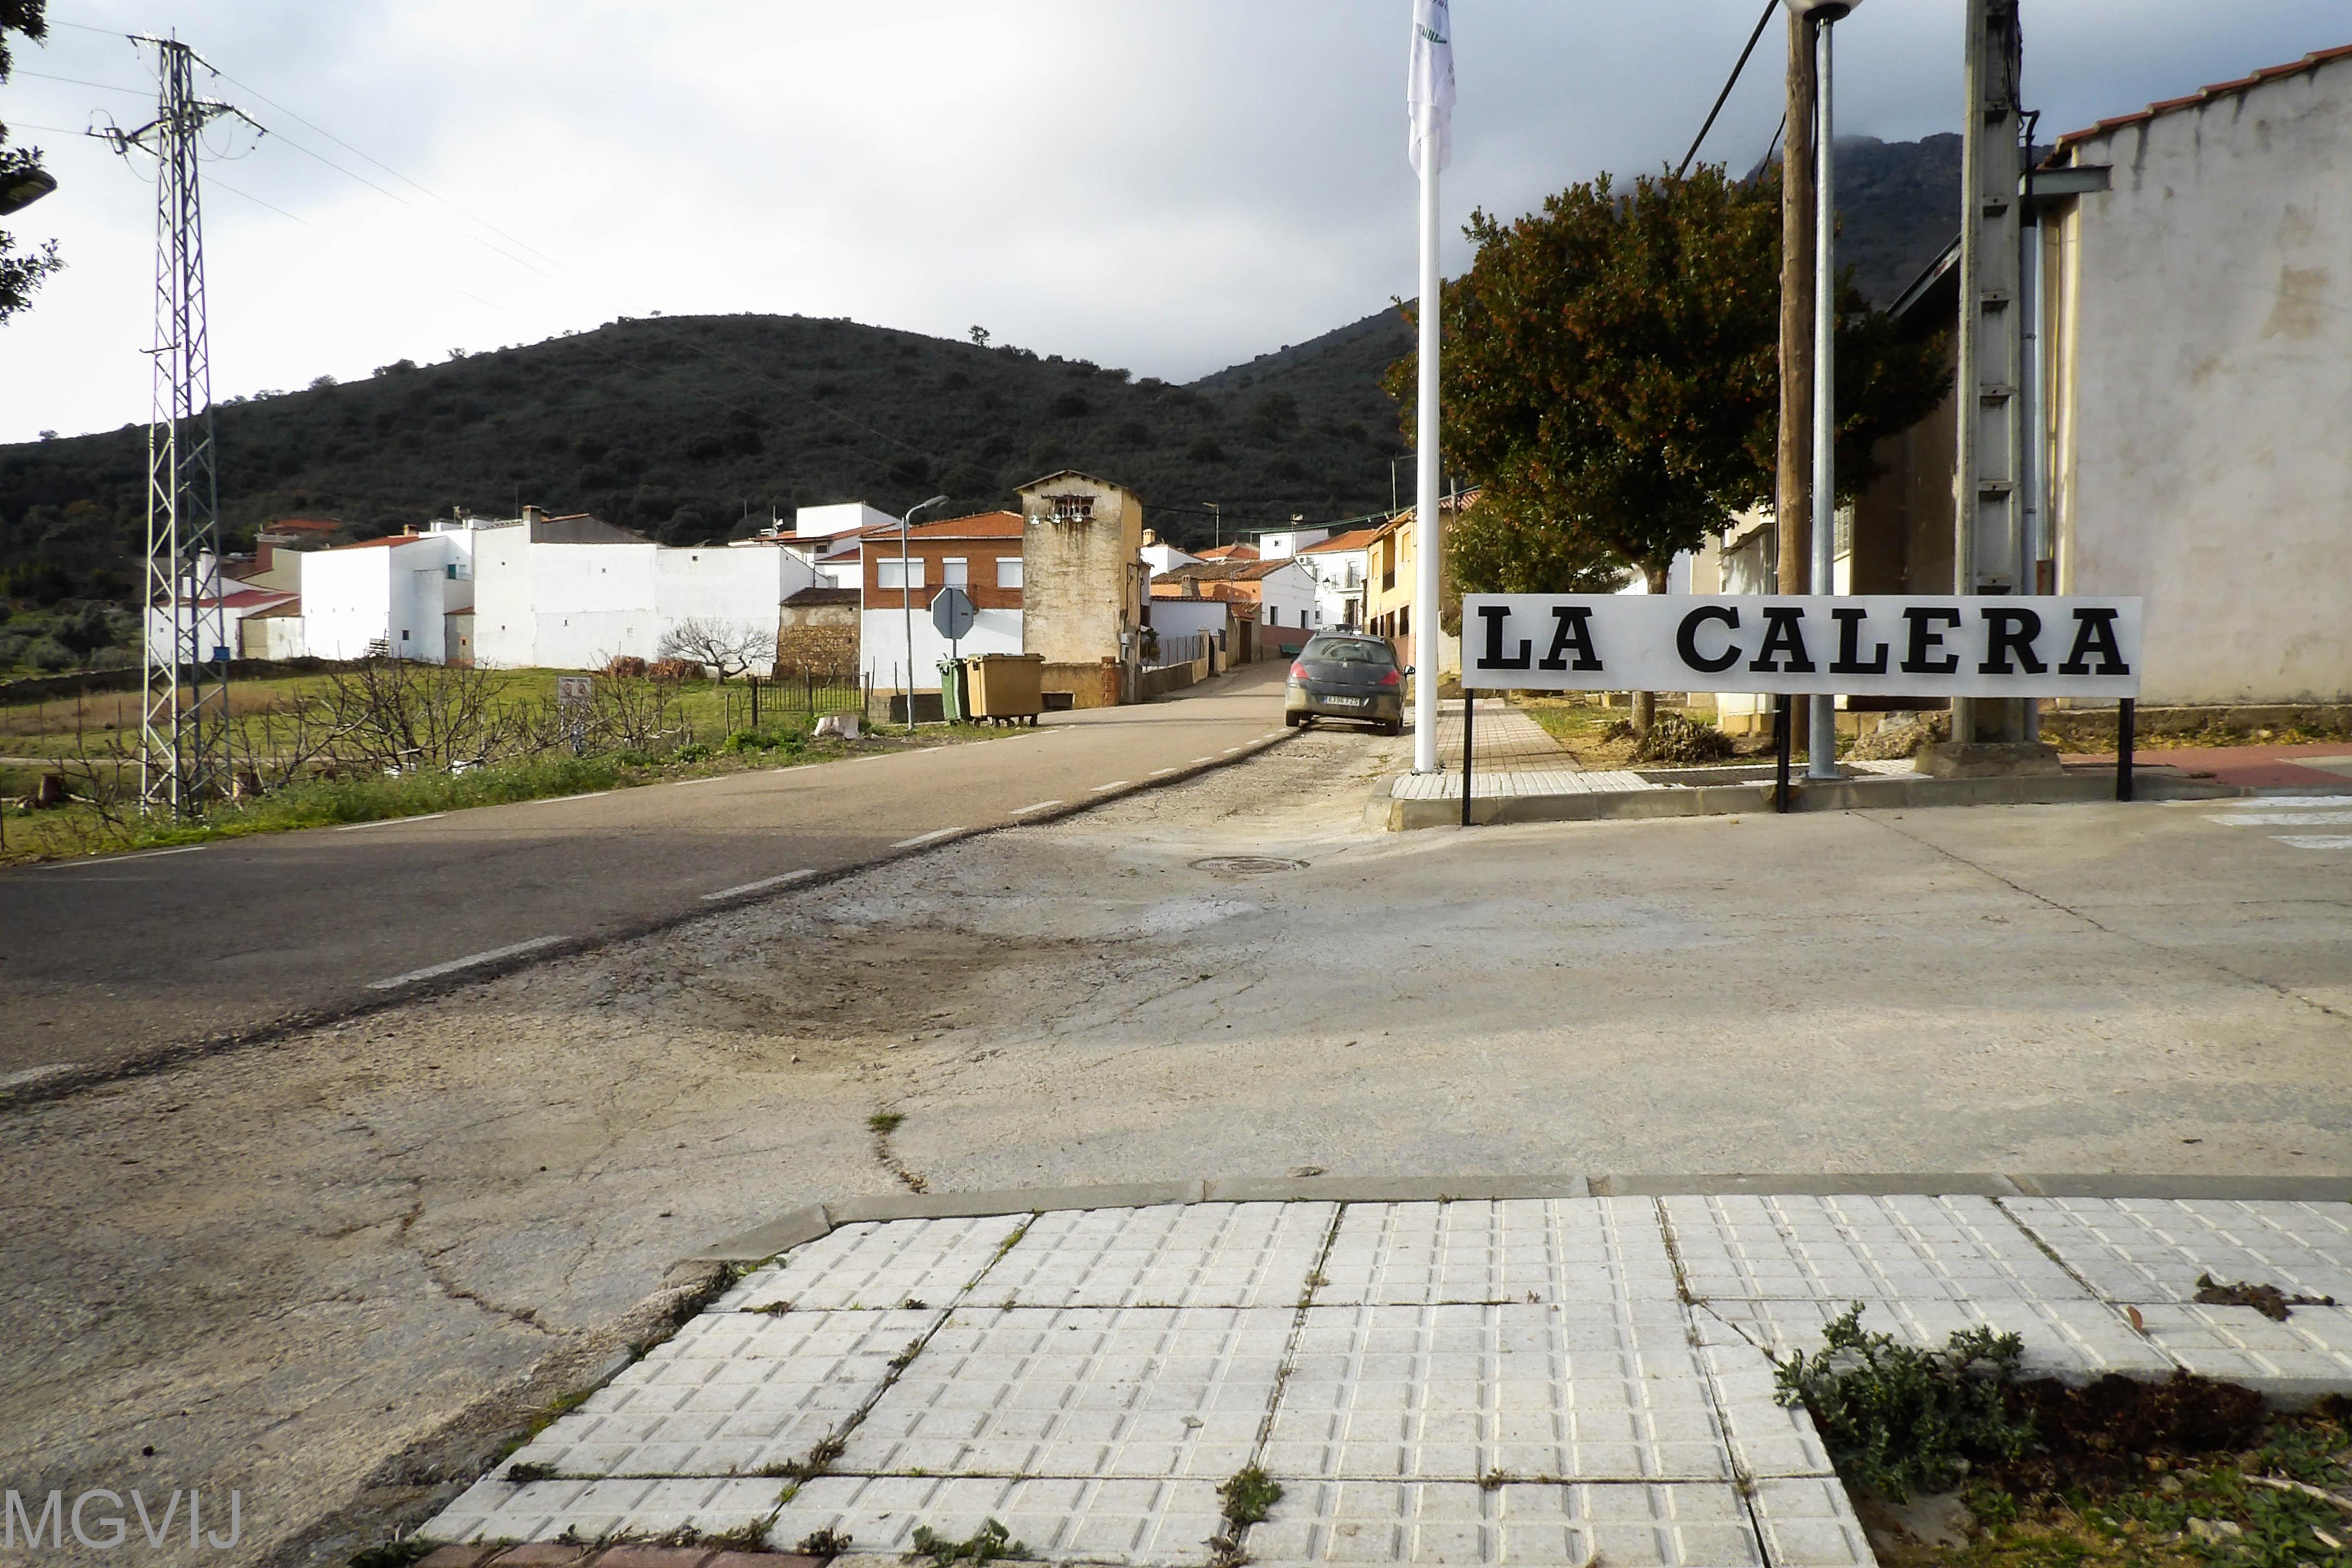 La Calera, pedanía de Alía en la provincia de Cáceres